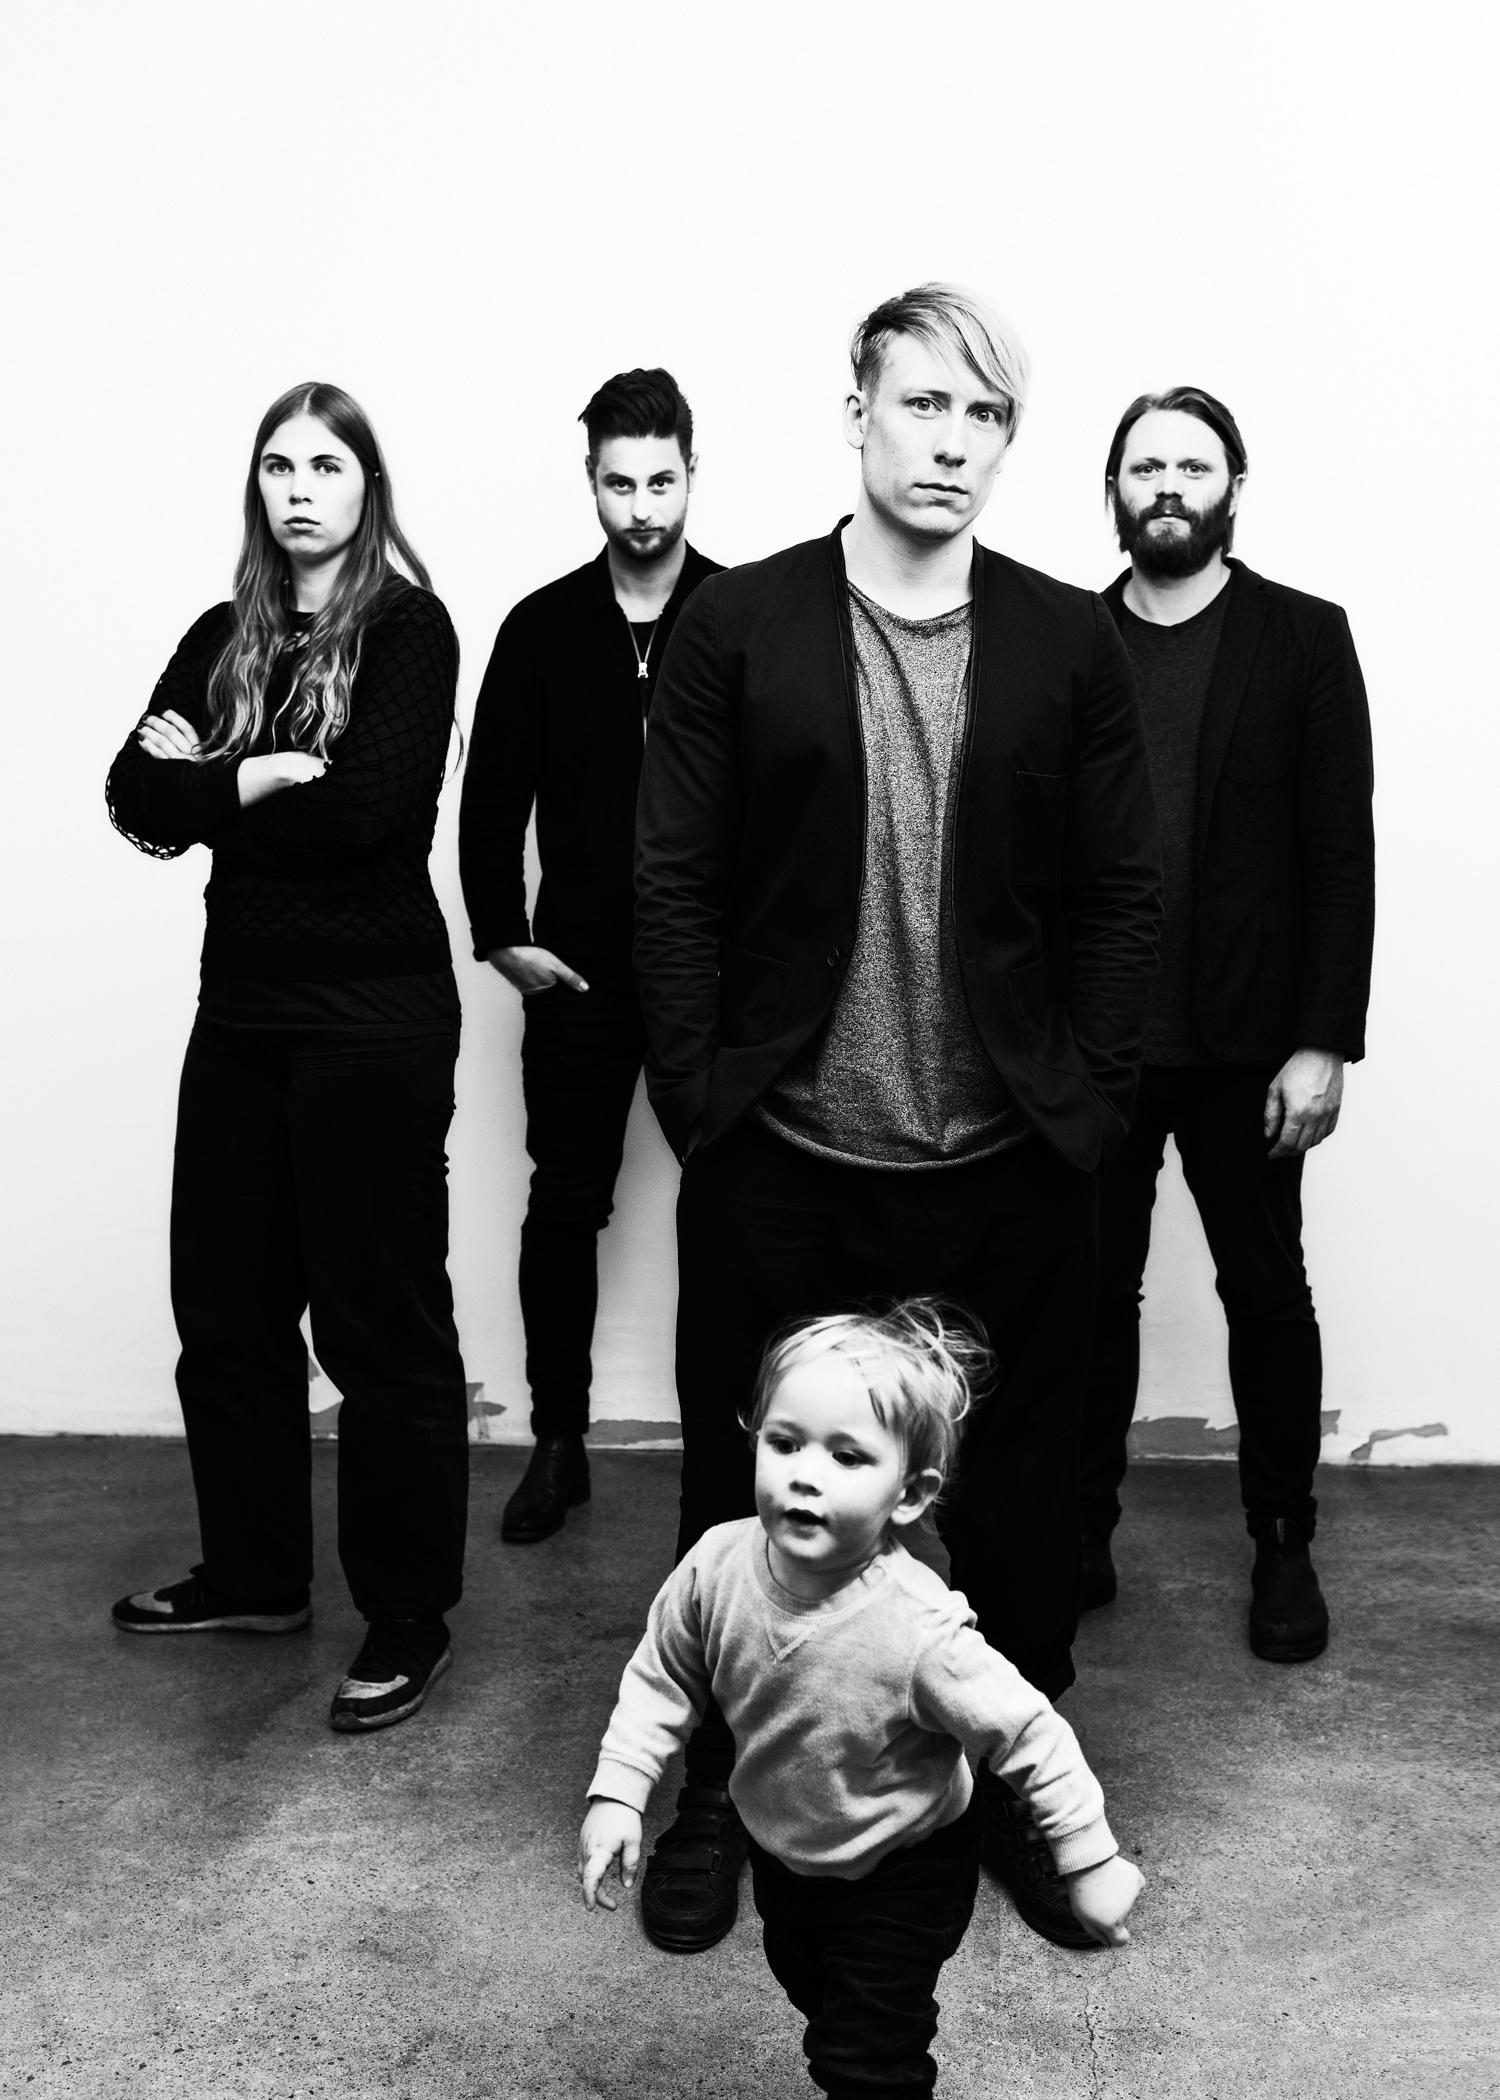 Från vänster: Annefrid Lundgren (grafisk formgivare, Leon&Chris), Joakim Skoglund, Leon Martinsen och Christoffer Höring. I förgrunden syns Alve. Foto: Jimmy Eriksson